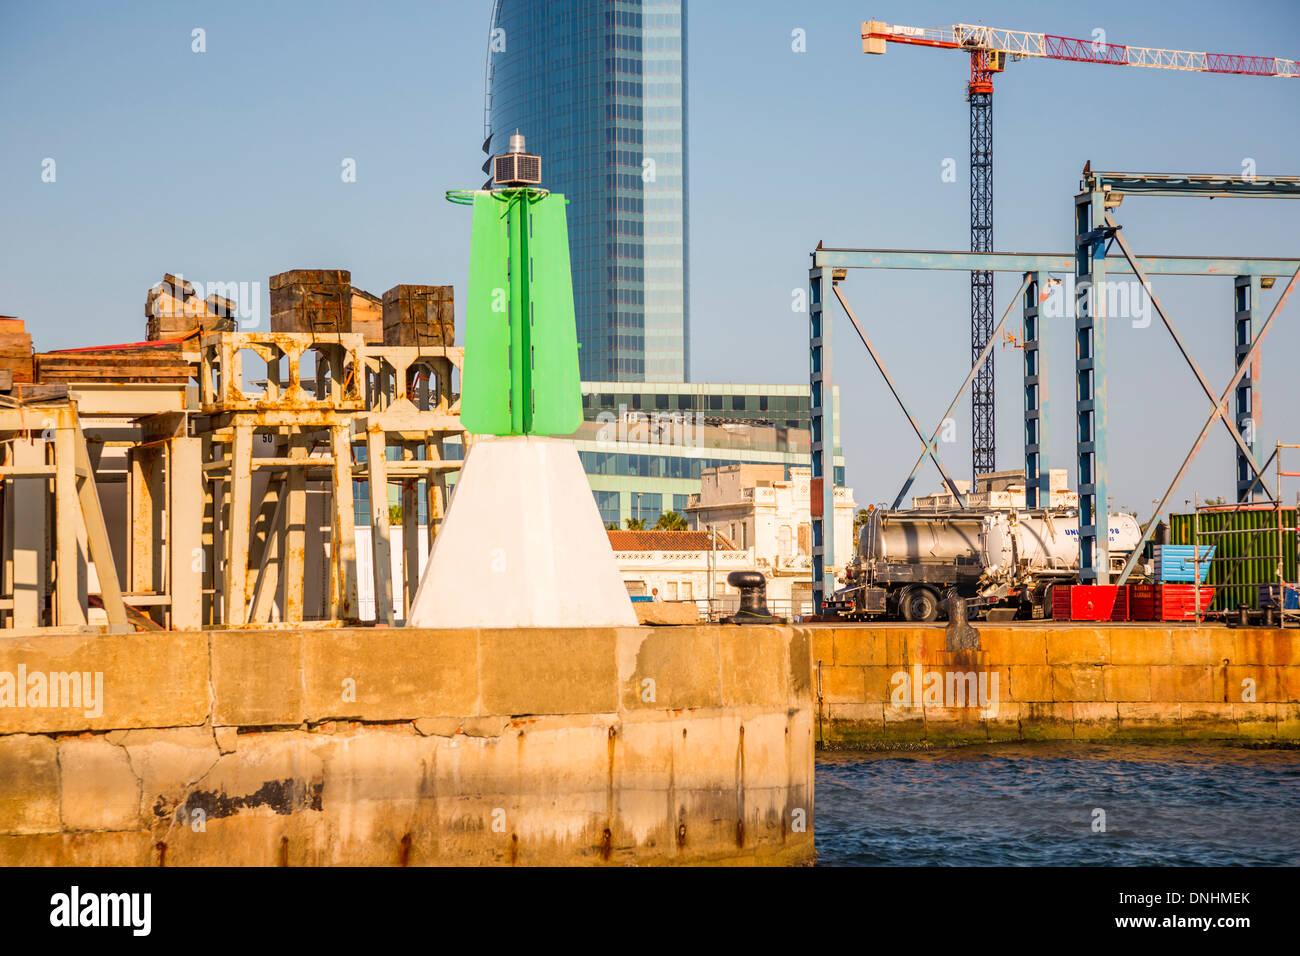 Harbor, Barcelona, Catalonia, Spain Stock Photo